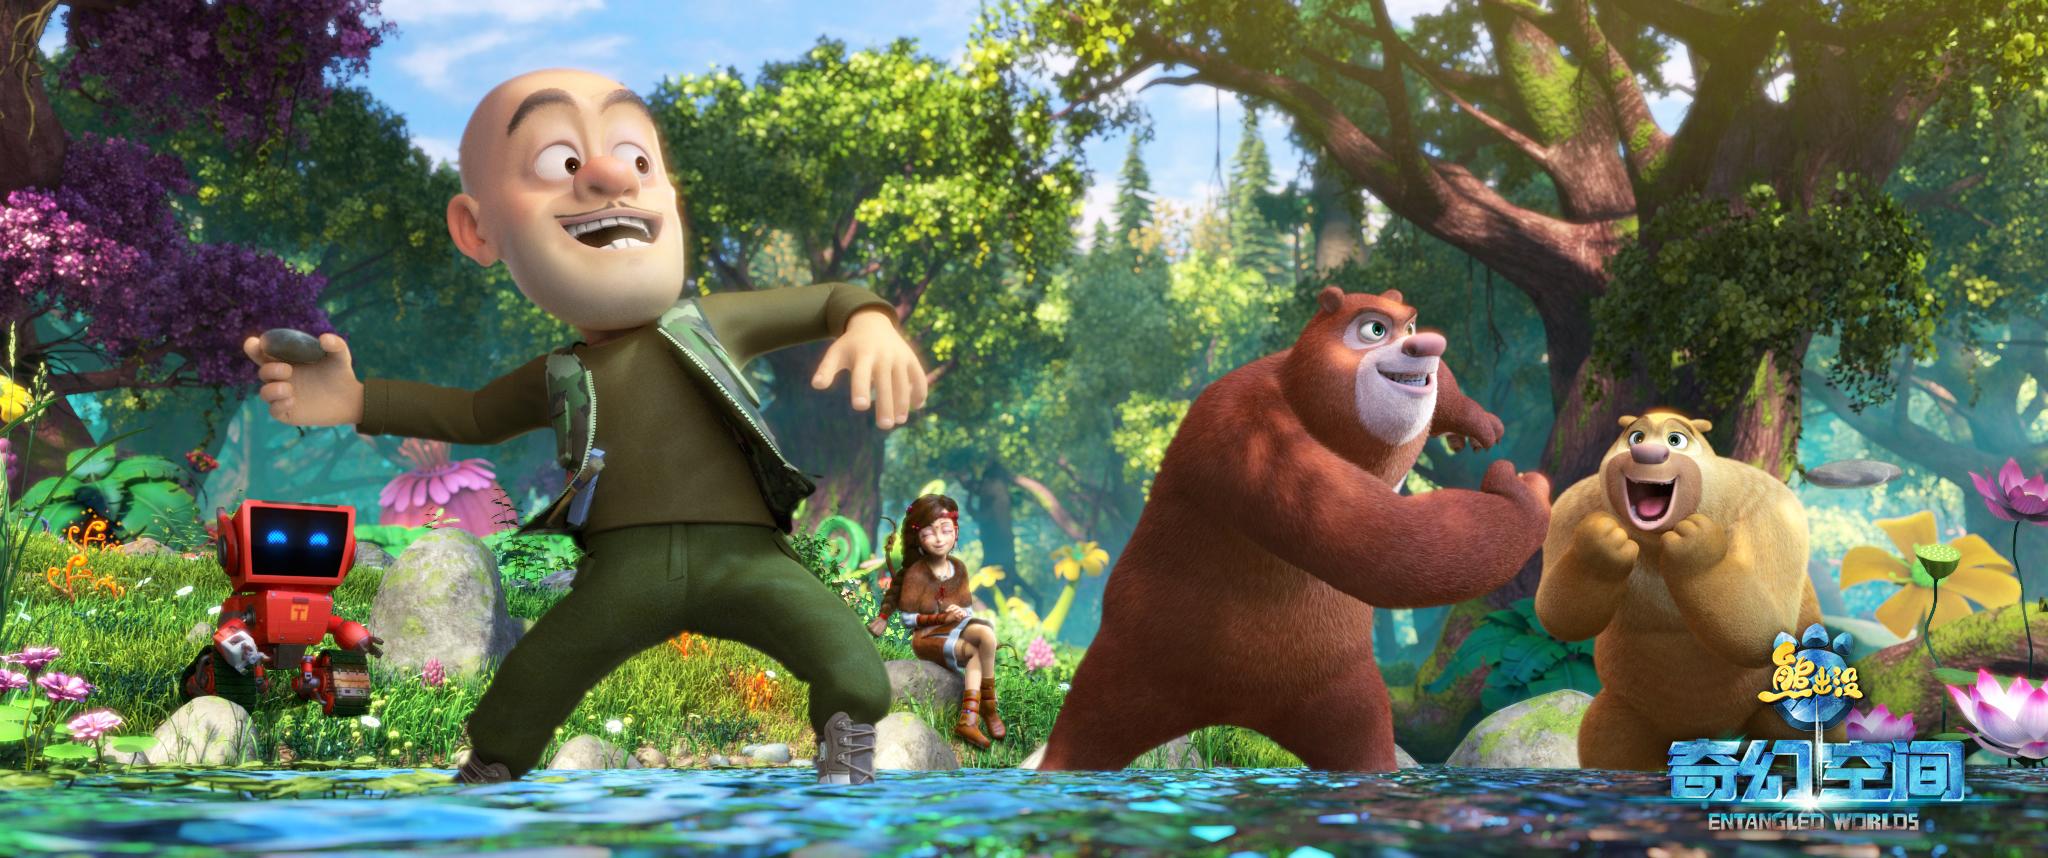 《熊出没·奇幻空间》超高口碑助影片票房再创新高